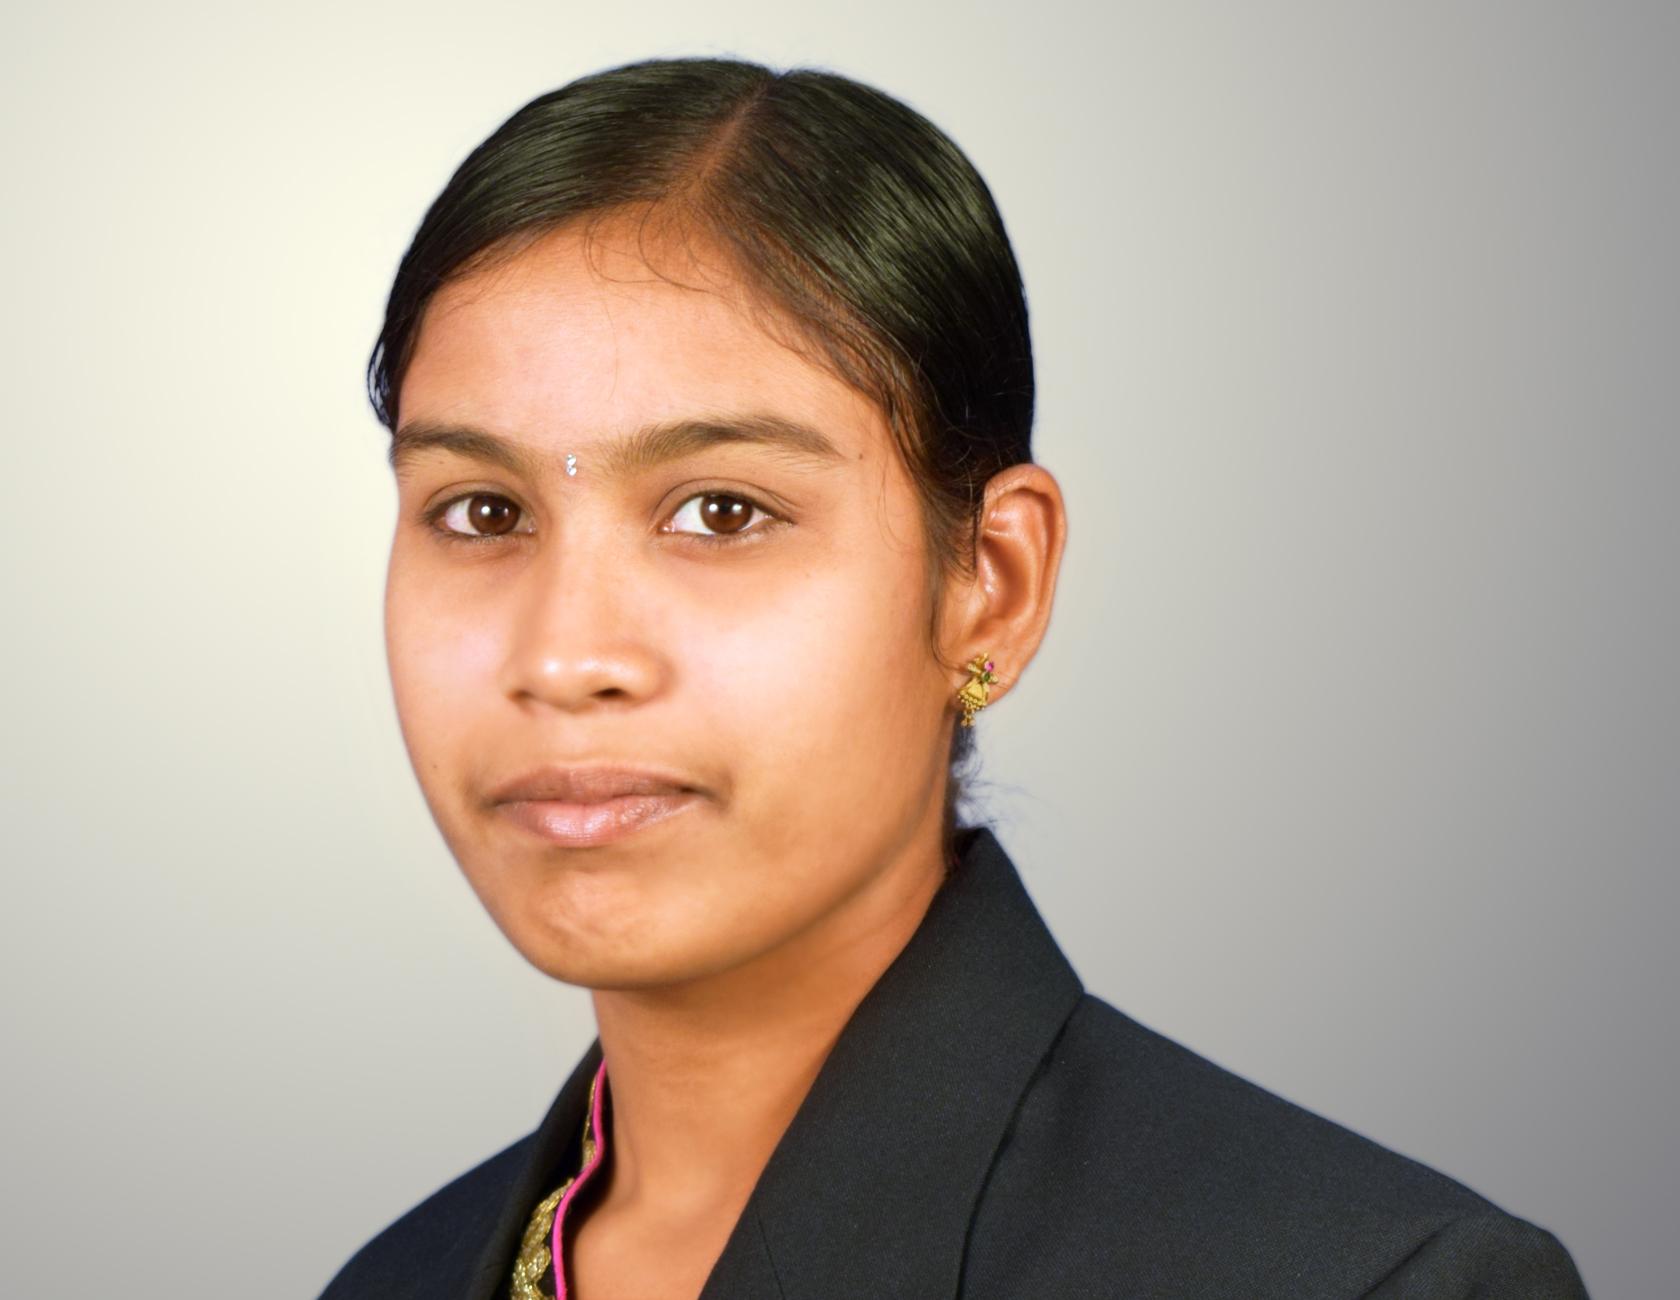 ArunaJyothi Namshamgari